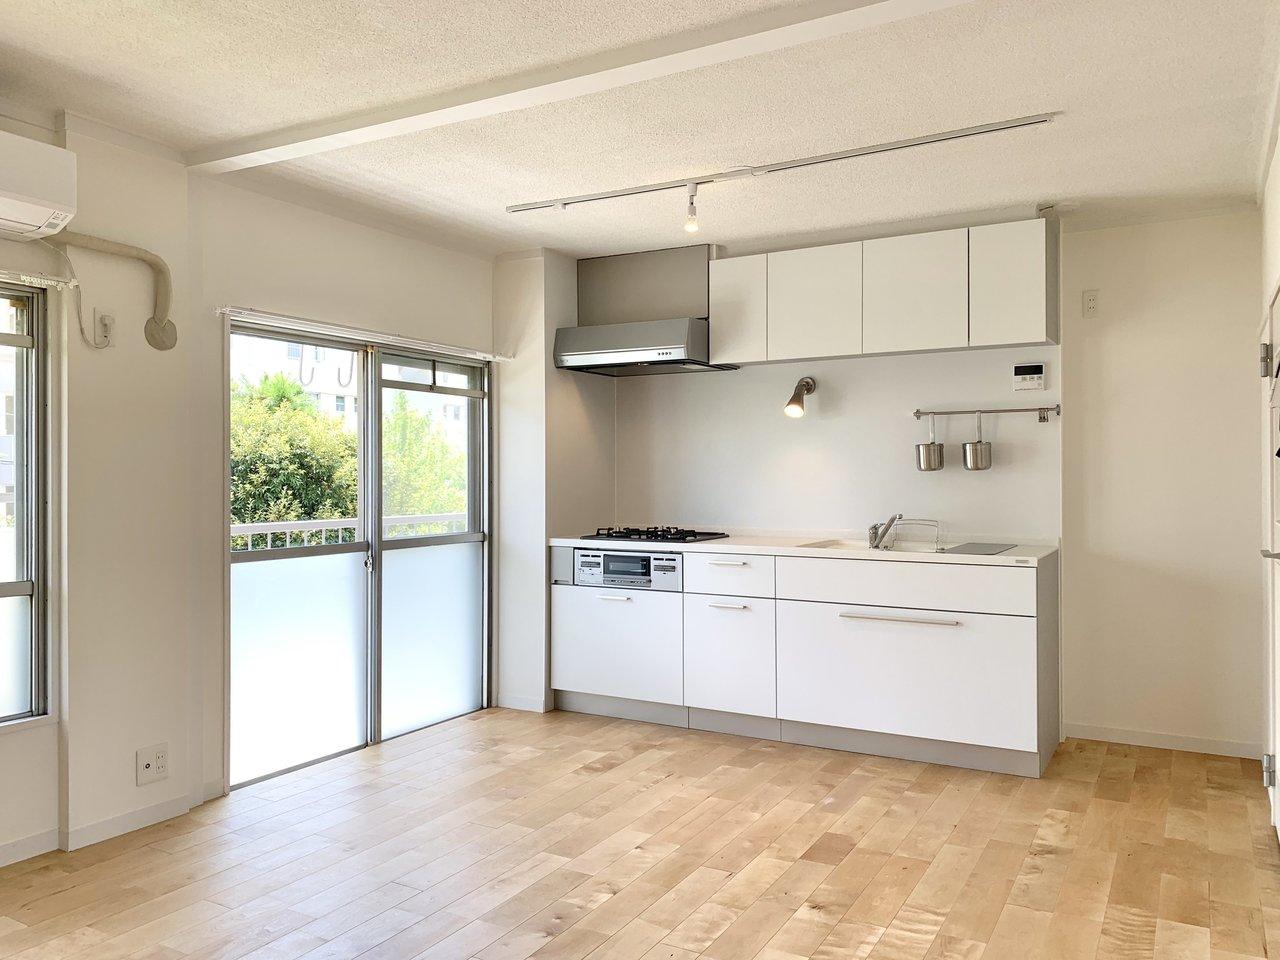 こちらはグッドルームのオリジナルリノベーション「TOMOS」で生まれ変わったお部屋。パーチ材を使用した無垢床が魅力の一つ。